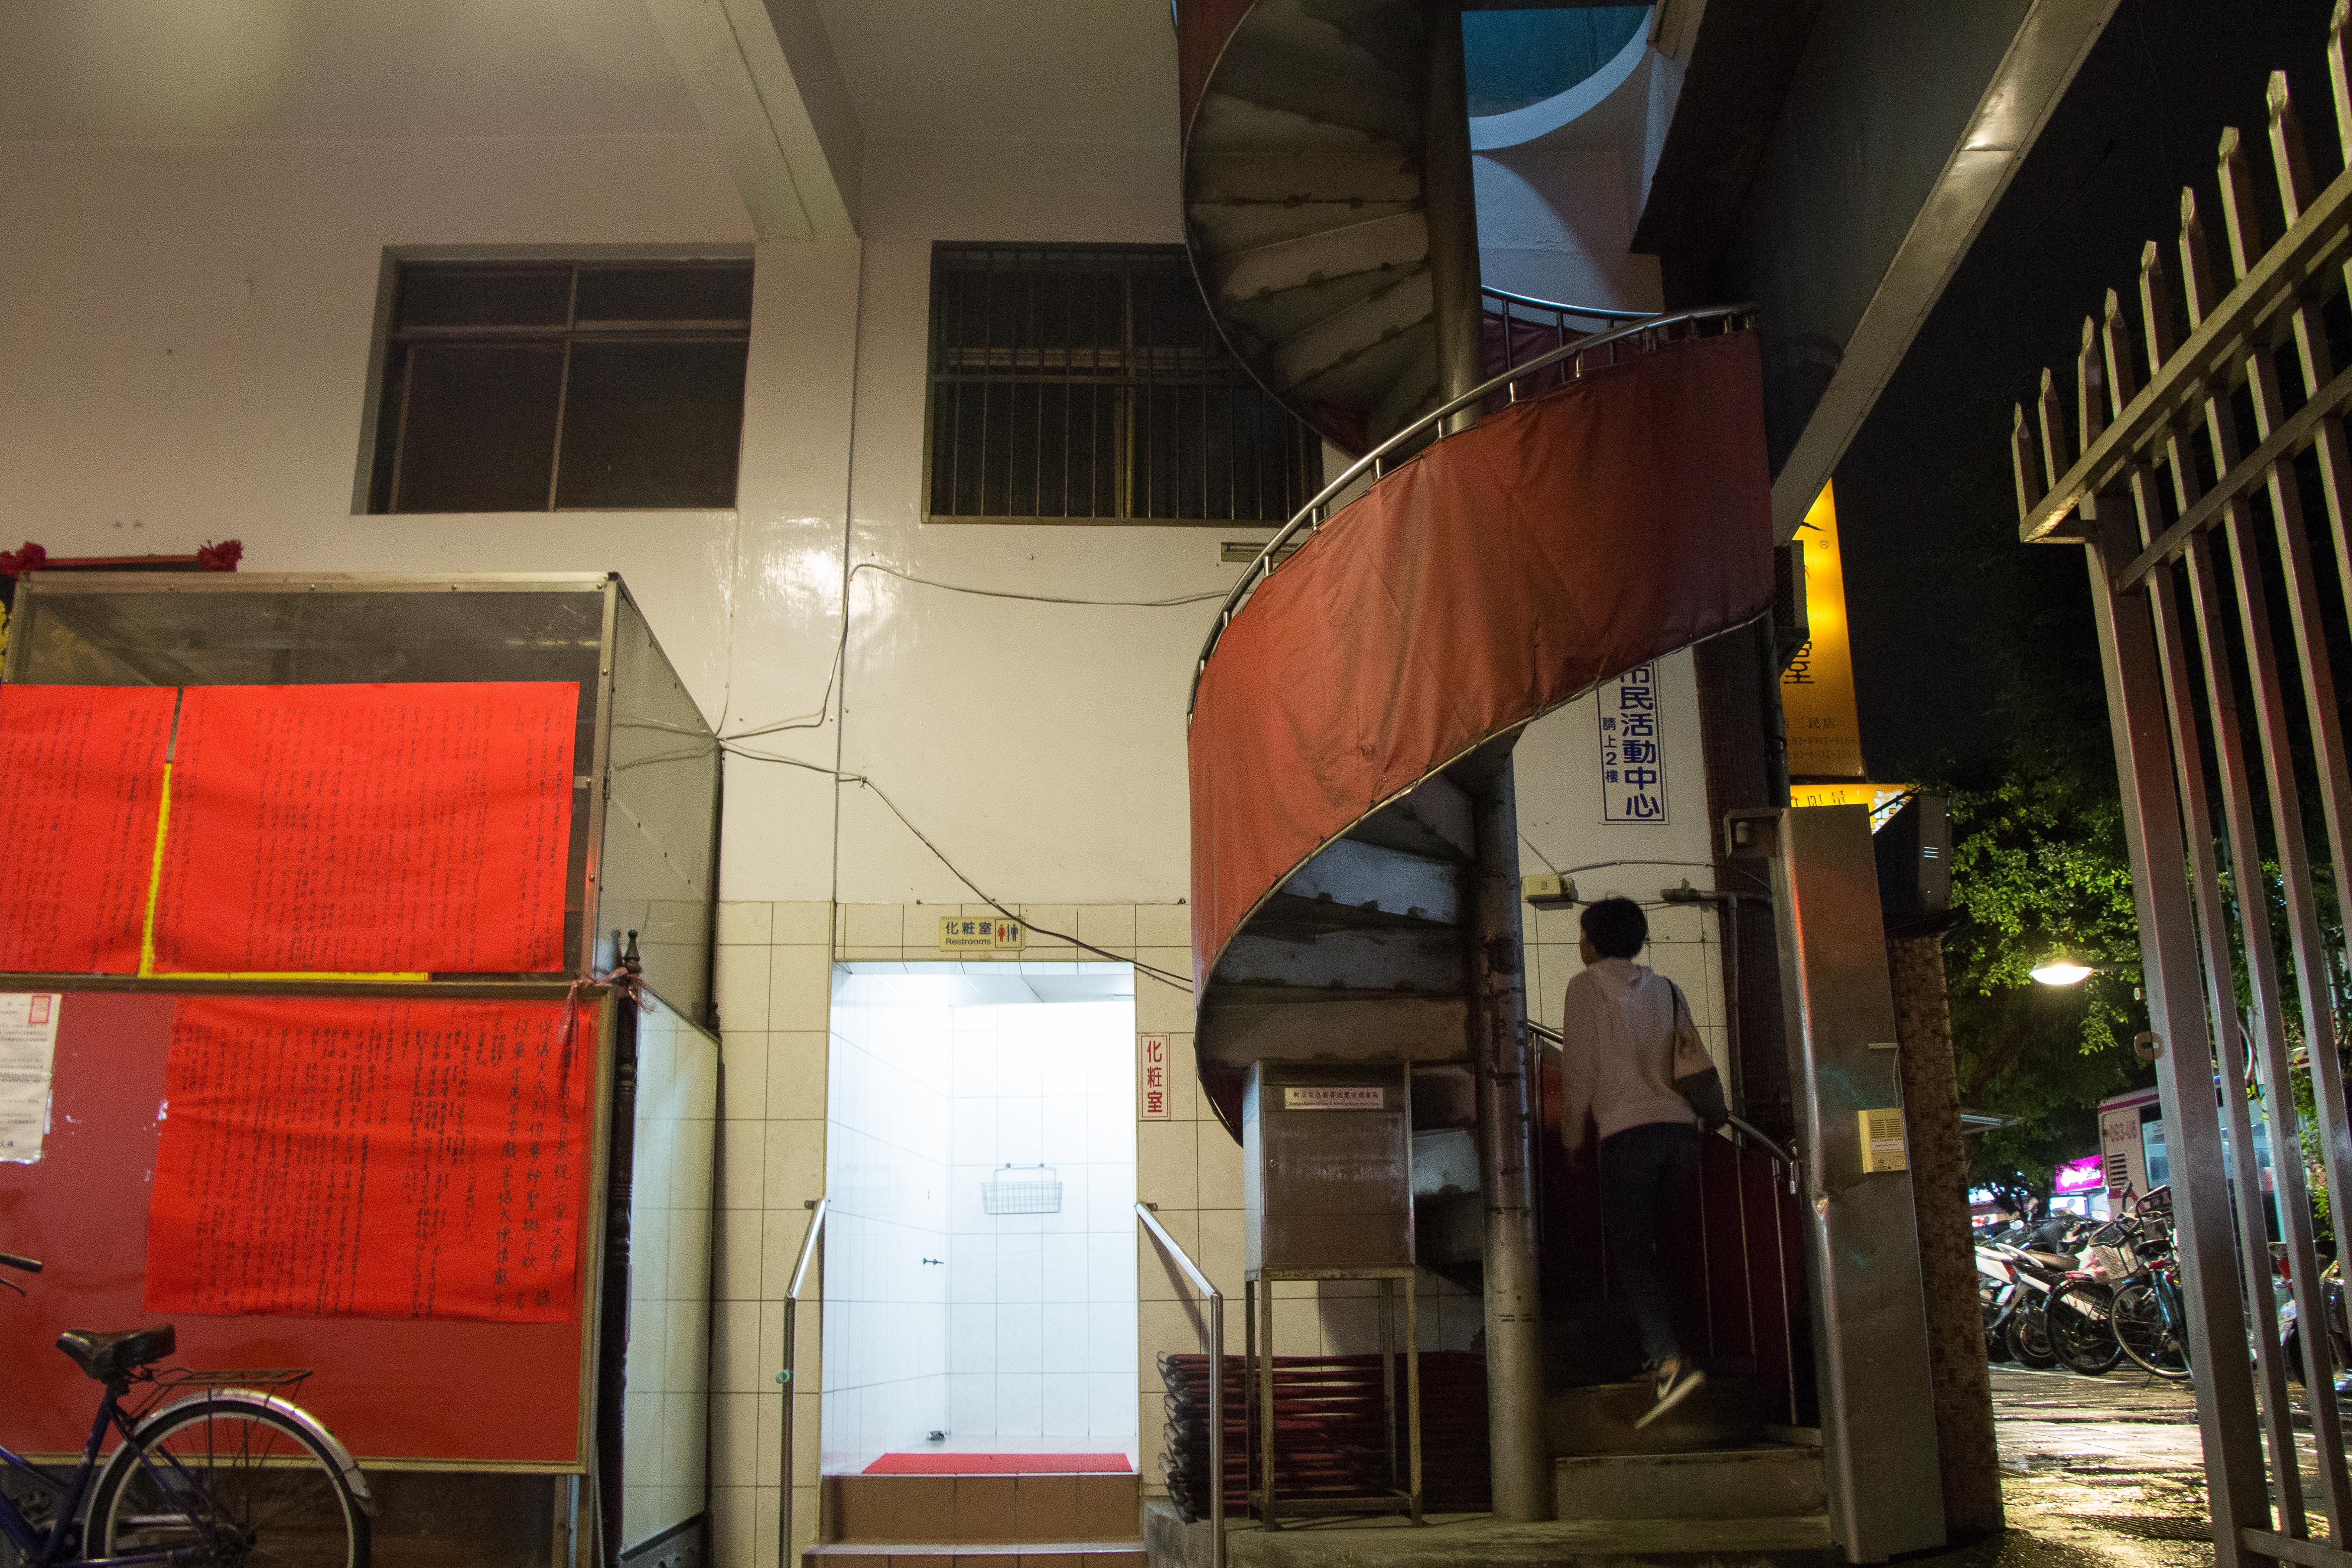 通往二樓的唯一道路,是一條蜿蜒又窄小的樓梯。攝影/李振均